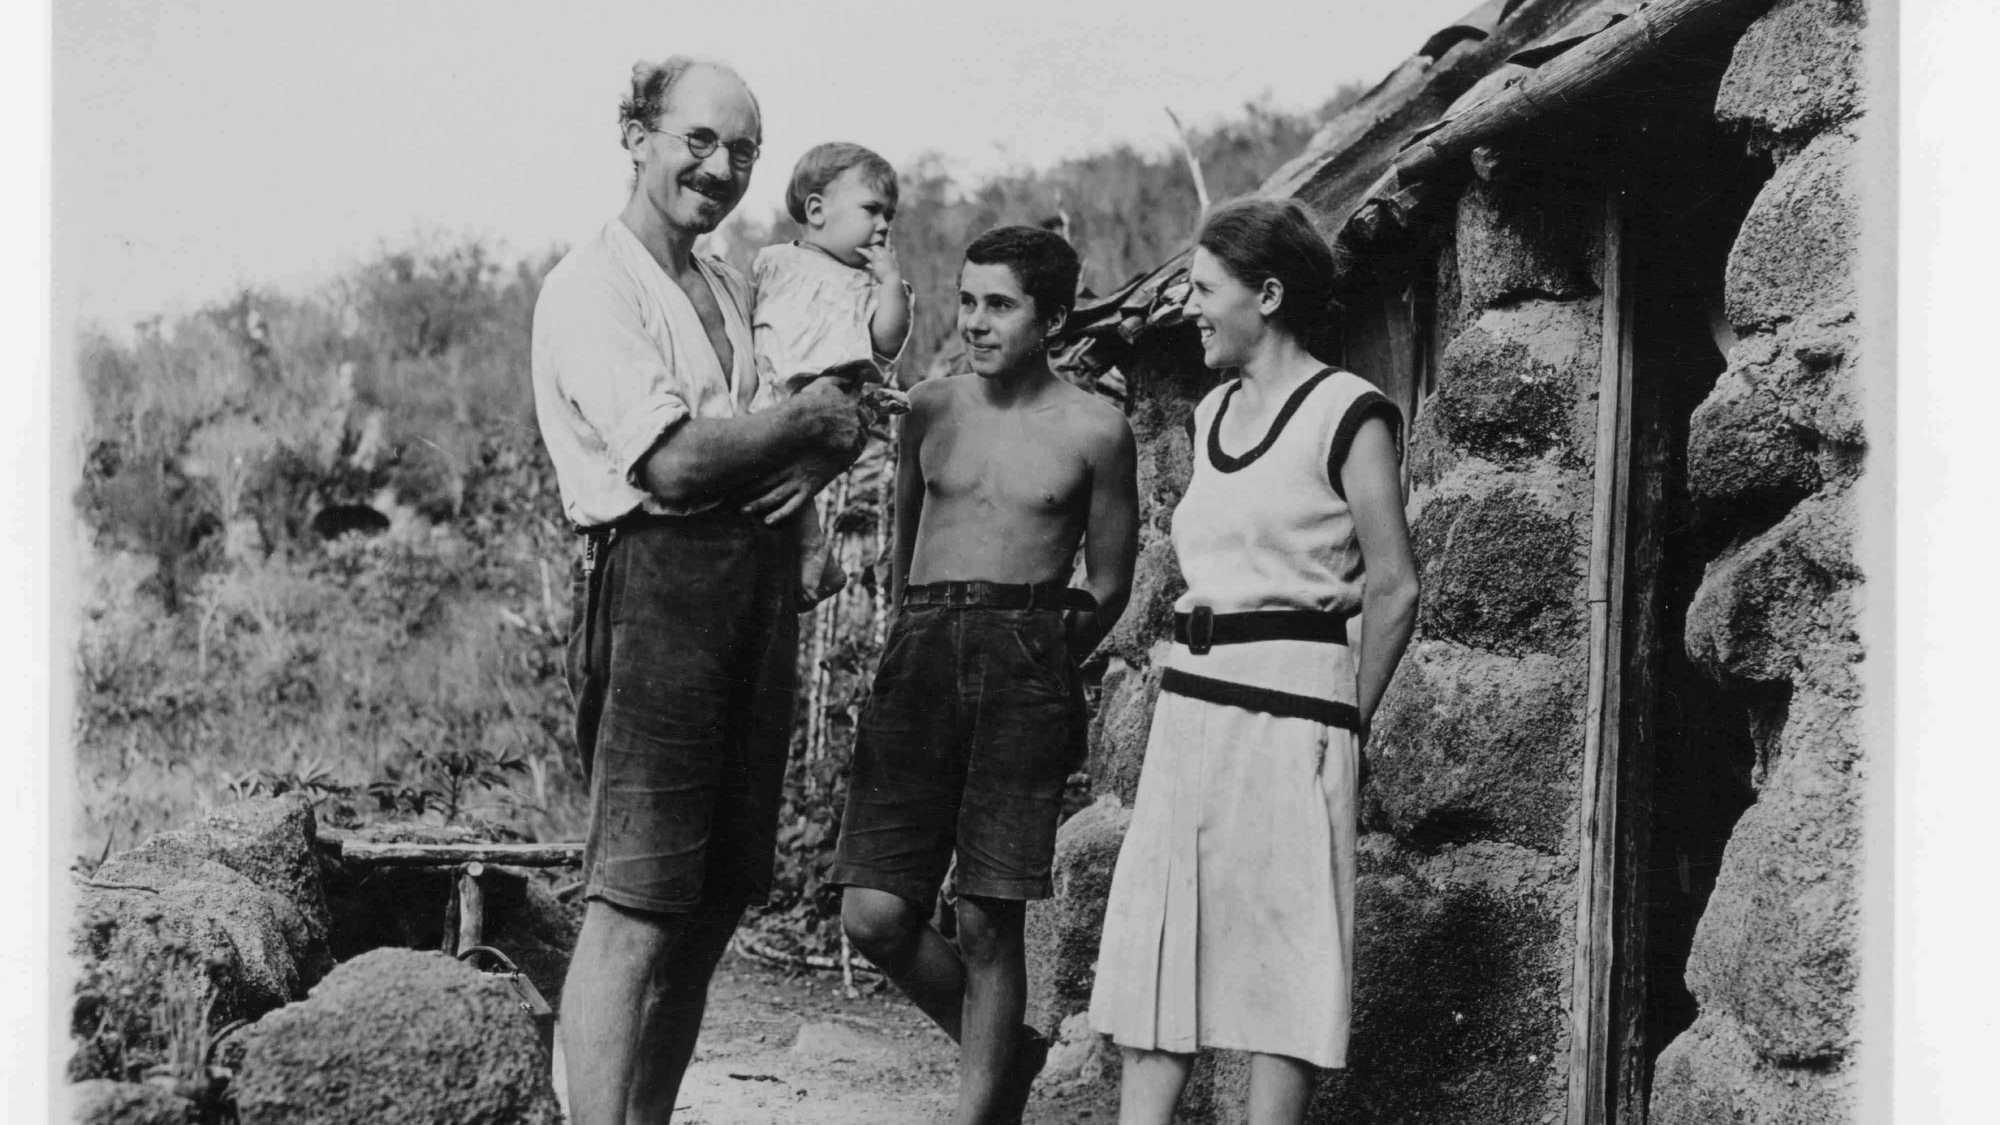 La famille Wittmer au grand complet ; de gauche à droite, Heinz avec, dans ses bras, le petit Rolf (né le 1er janvier 1933), Harry et Margret.